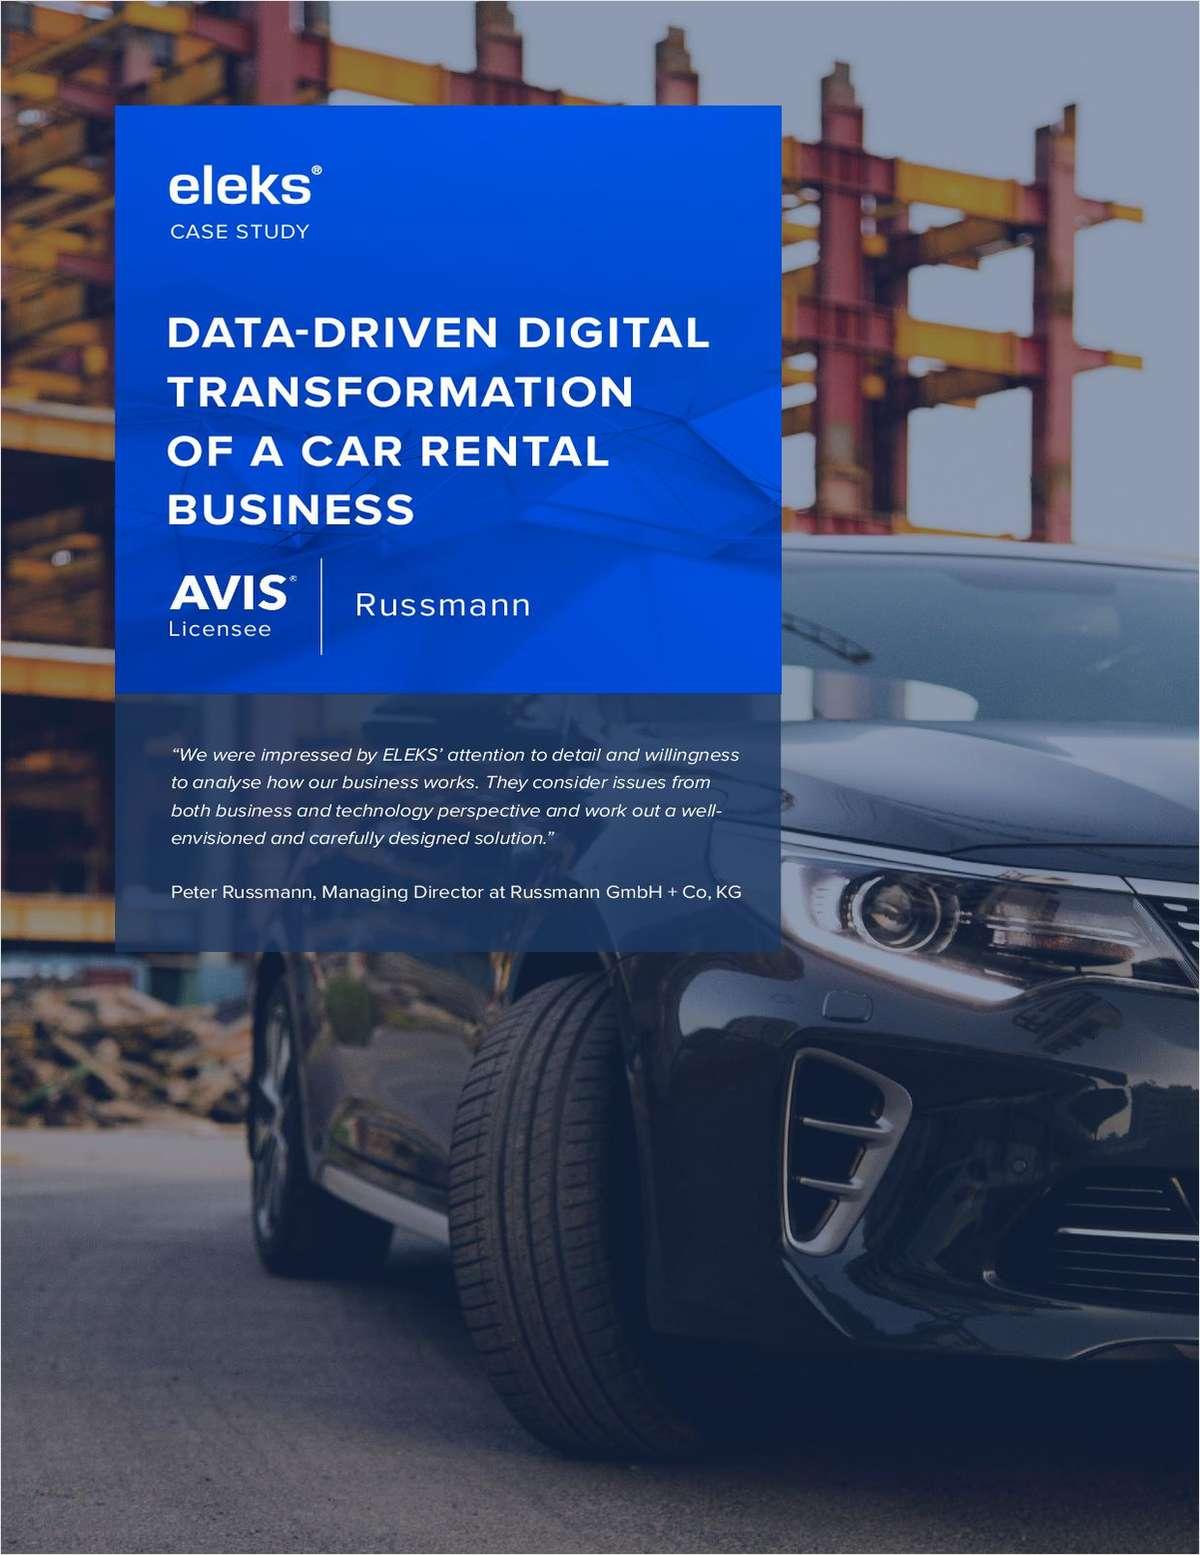 AVIS Russmann Case Study: Data-driven Digital Transformation of a Car Rental Business